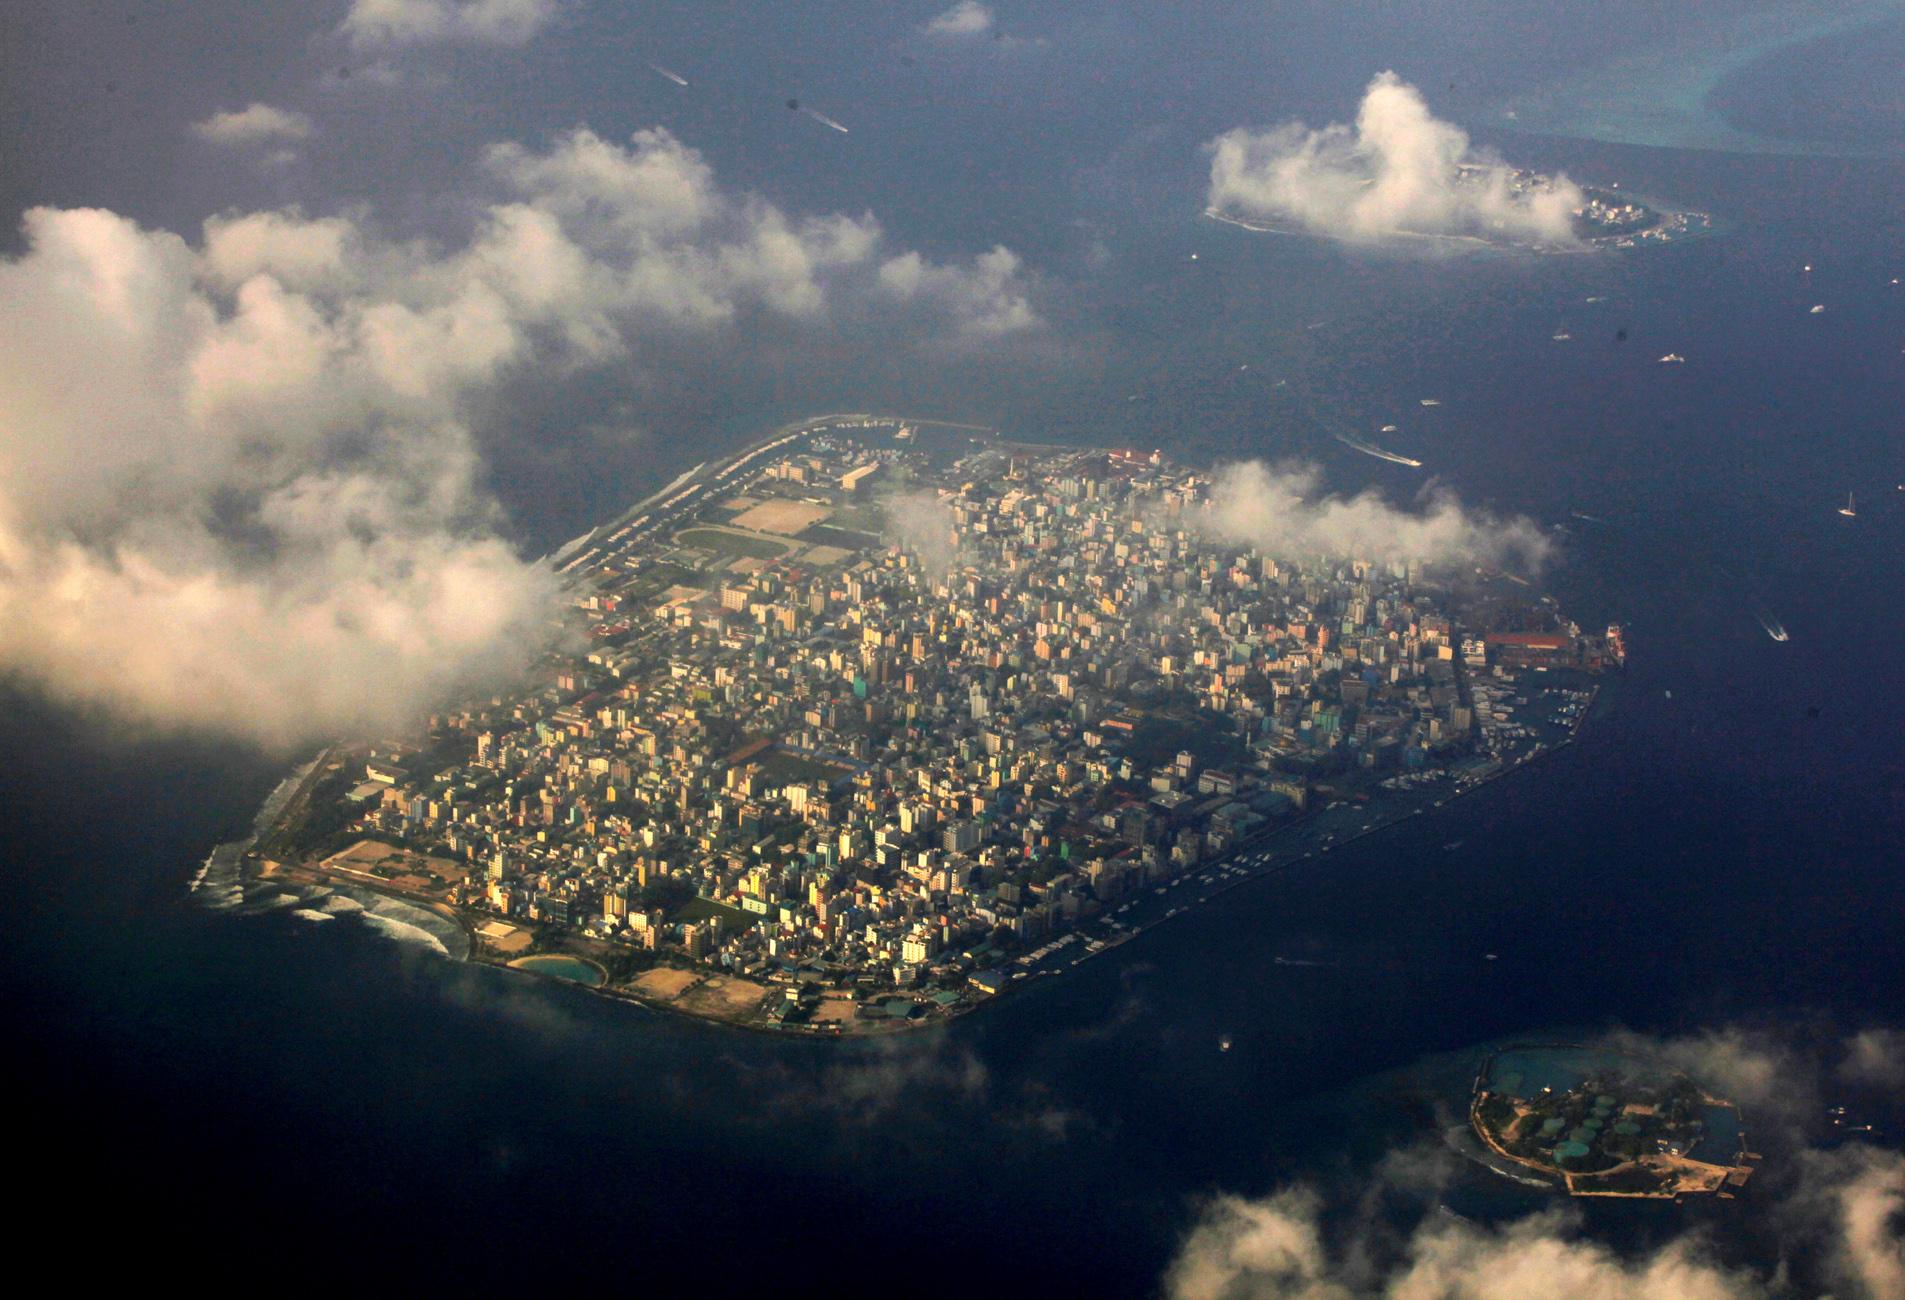 Μαλδίβες: Πωλητήριο σε 16 ακατοίκητα νησιά